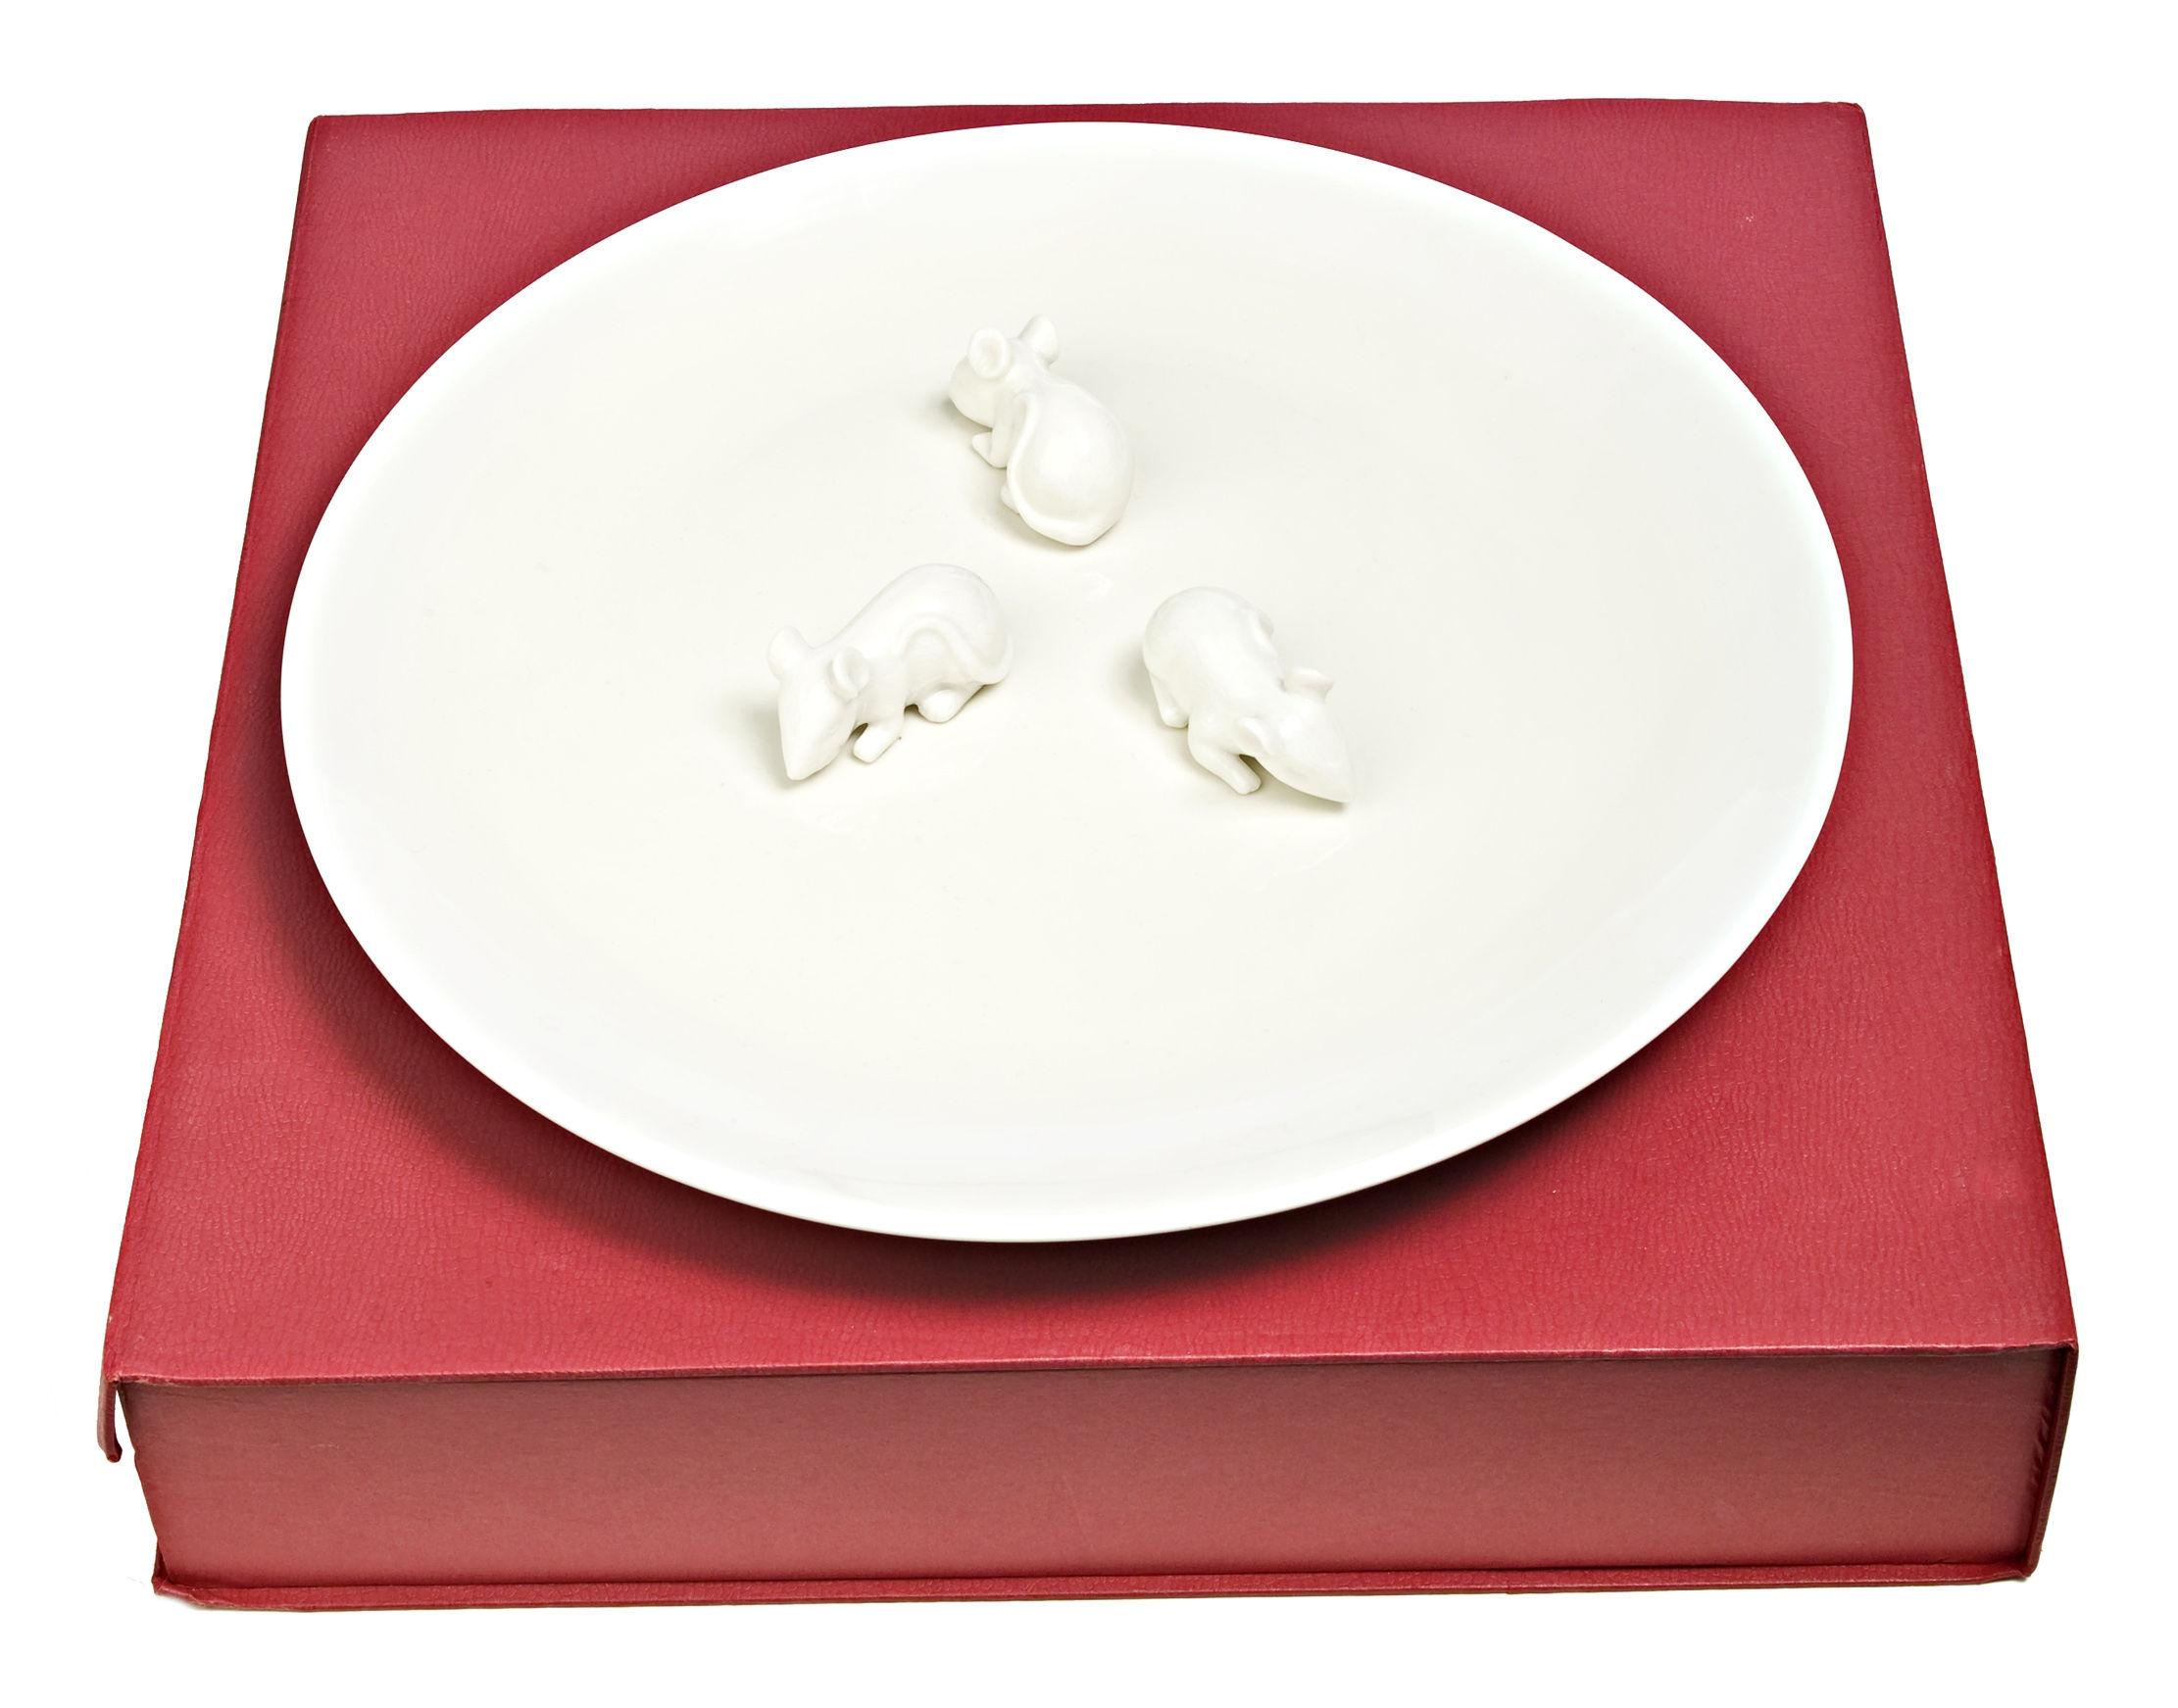 Tischkultur - Teller - Mice Servierplatte mit Mäusemotiv - Ø 40 cm - Pols Potten - Mausmotiv - weiß - Porcelaine vernie